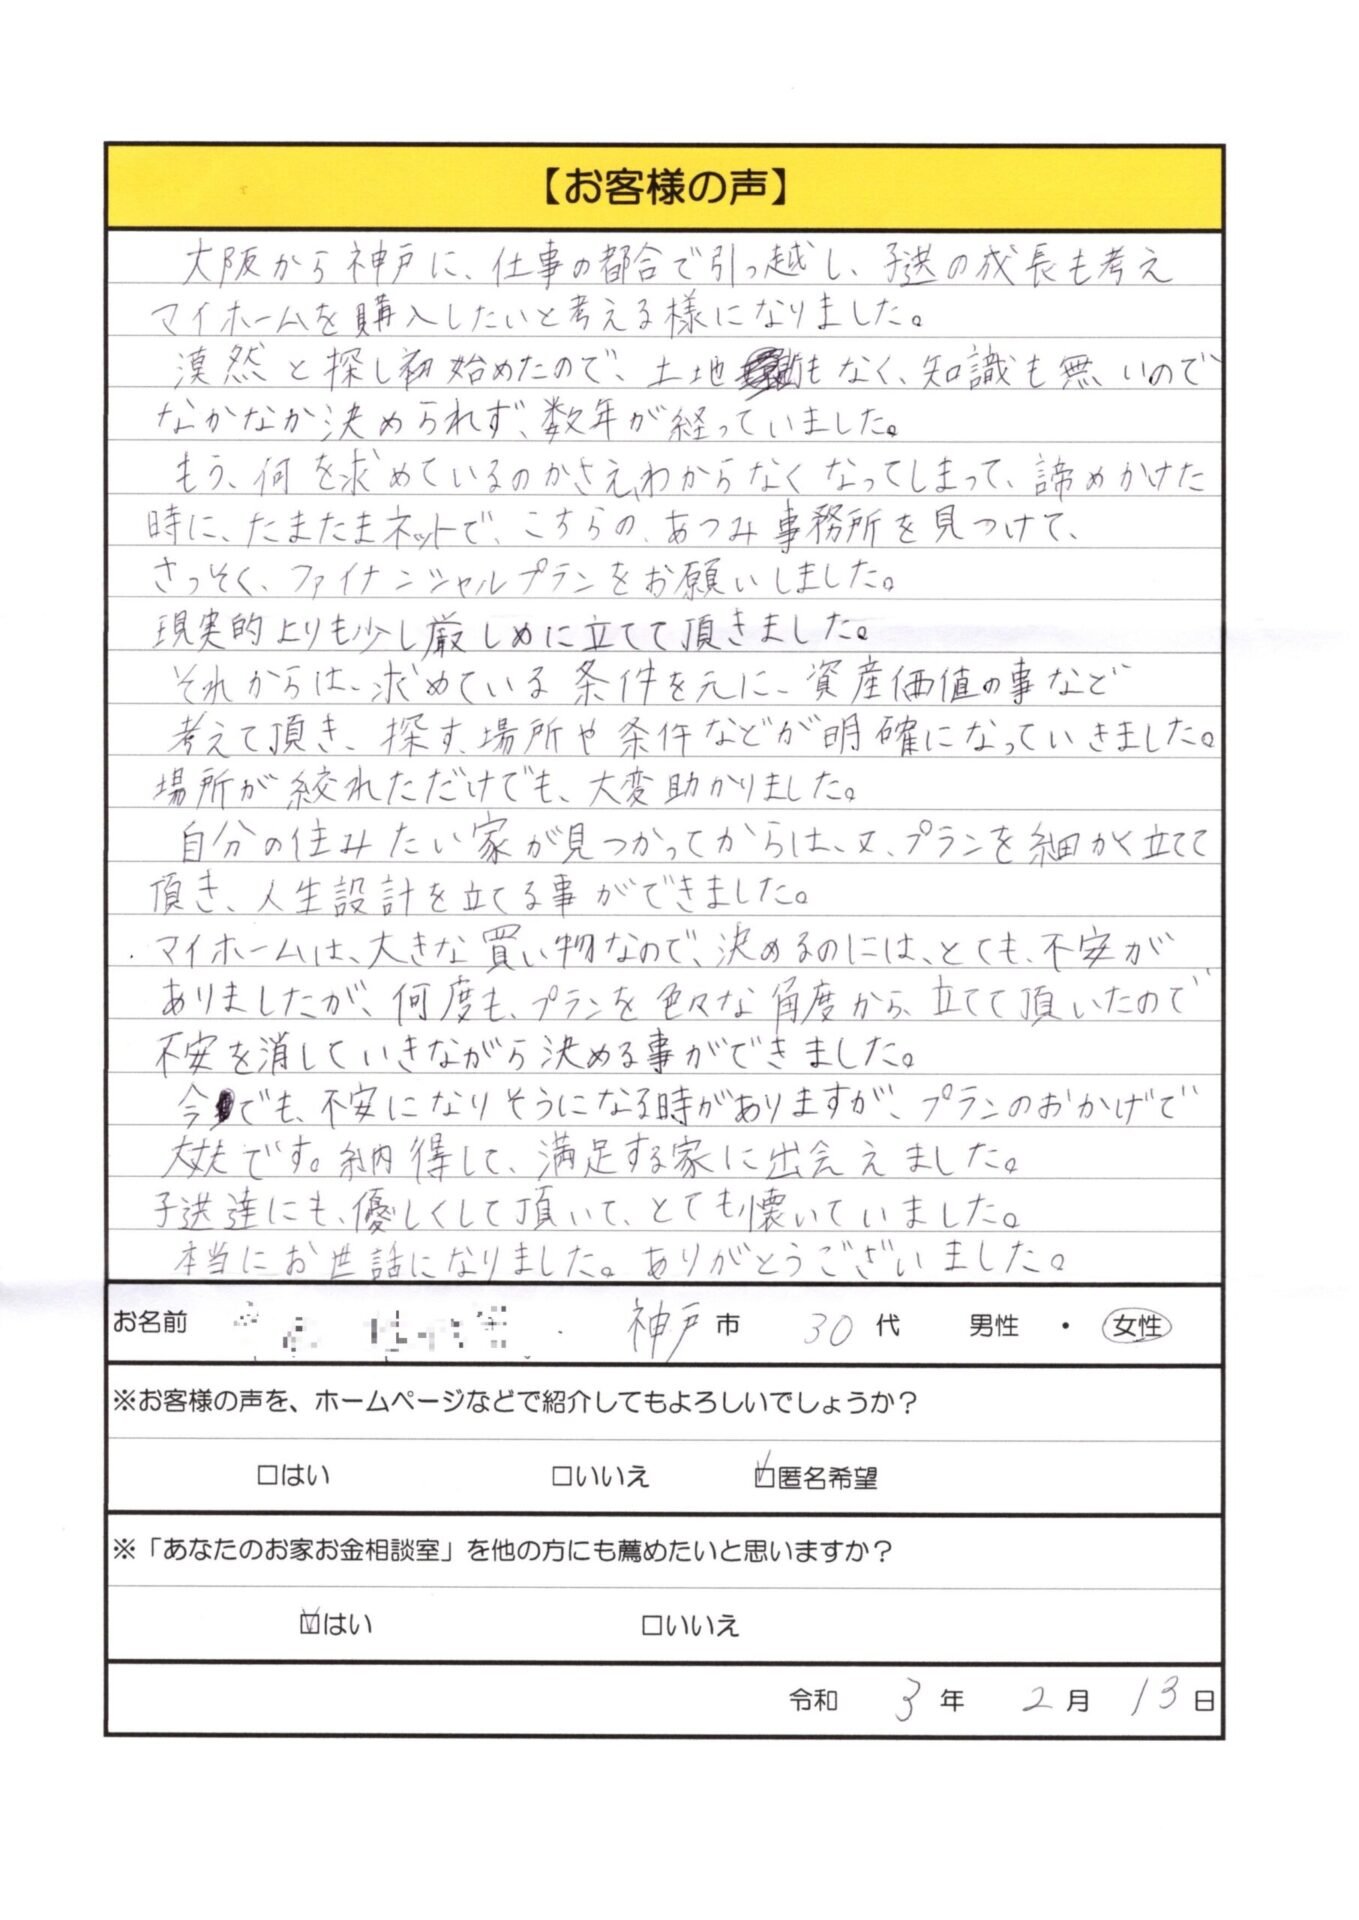 神戸市 住宅購入